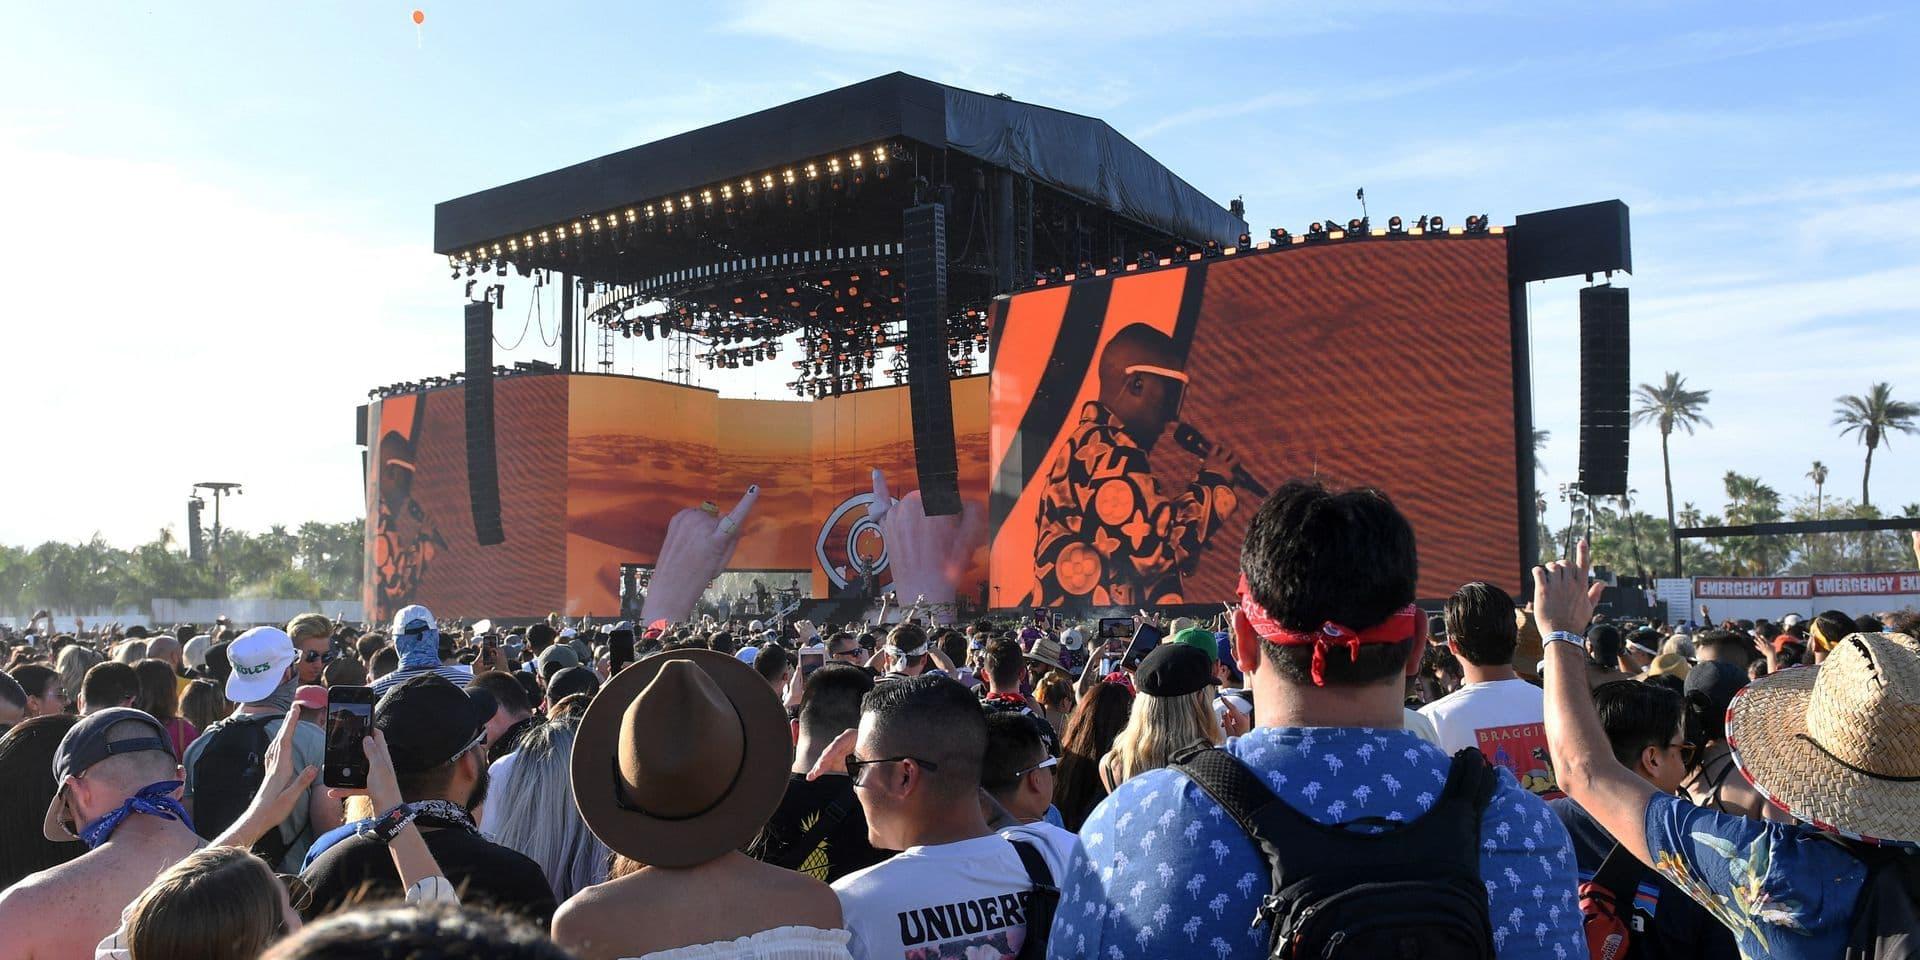 Reporté pour la 3e fois, le célèbre festival Coachella reviendra finalement en avril 2022